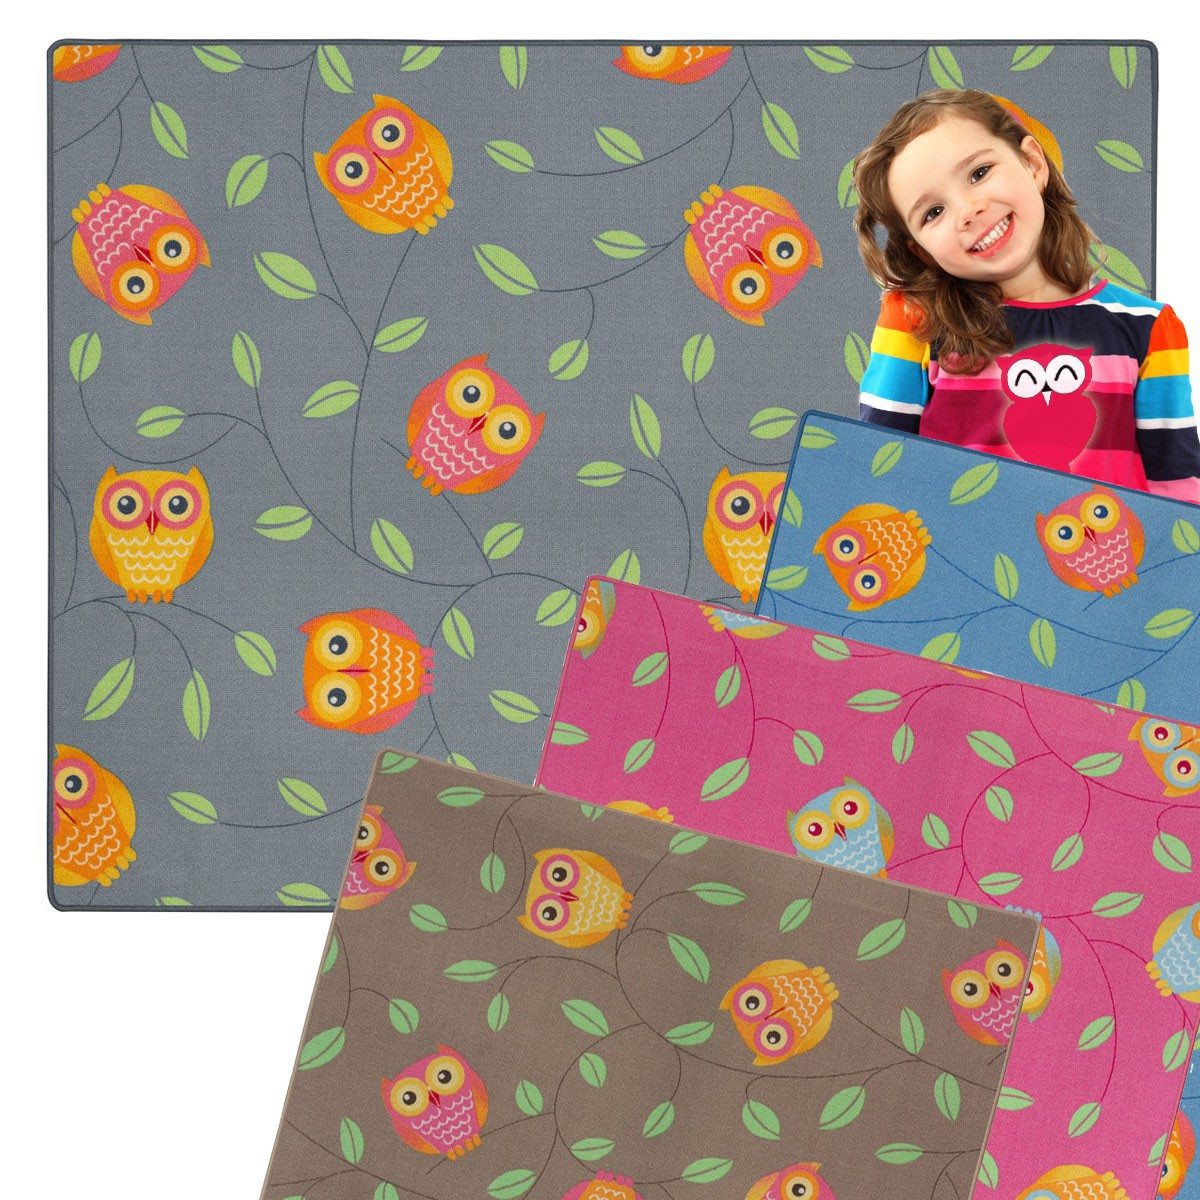 eulen kinderteppich kauz teppich happy owls spielteppich. Black Bedroom Furniture Sets. Home Design Ideas